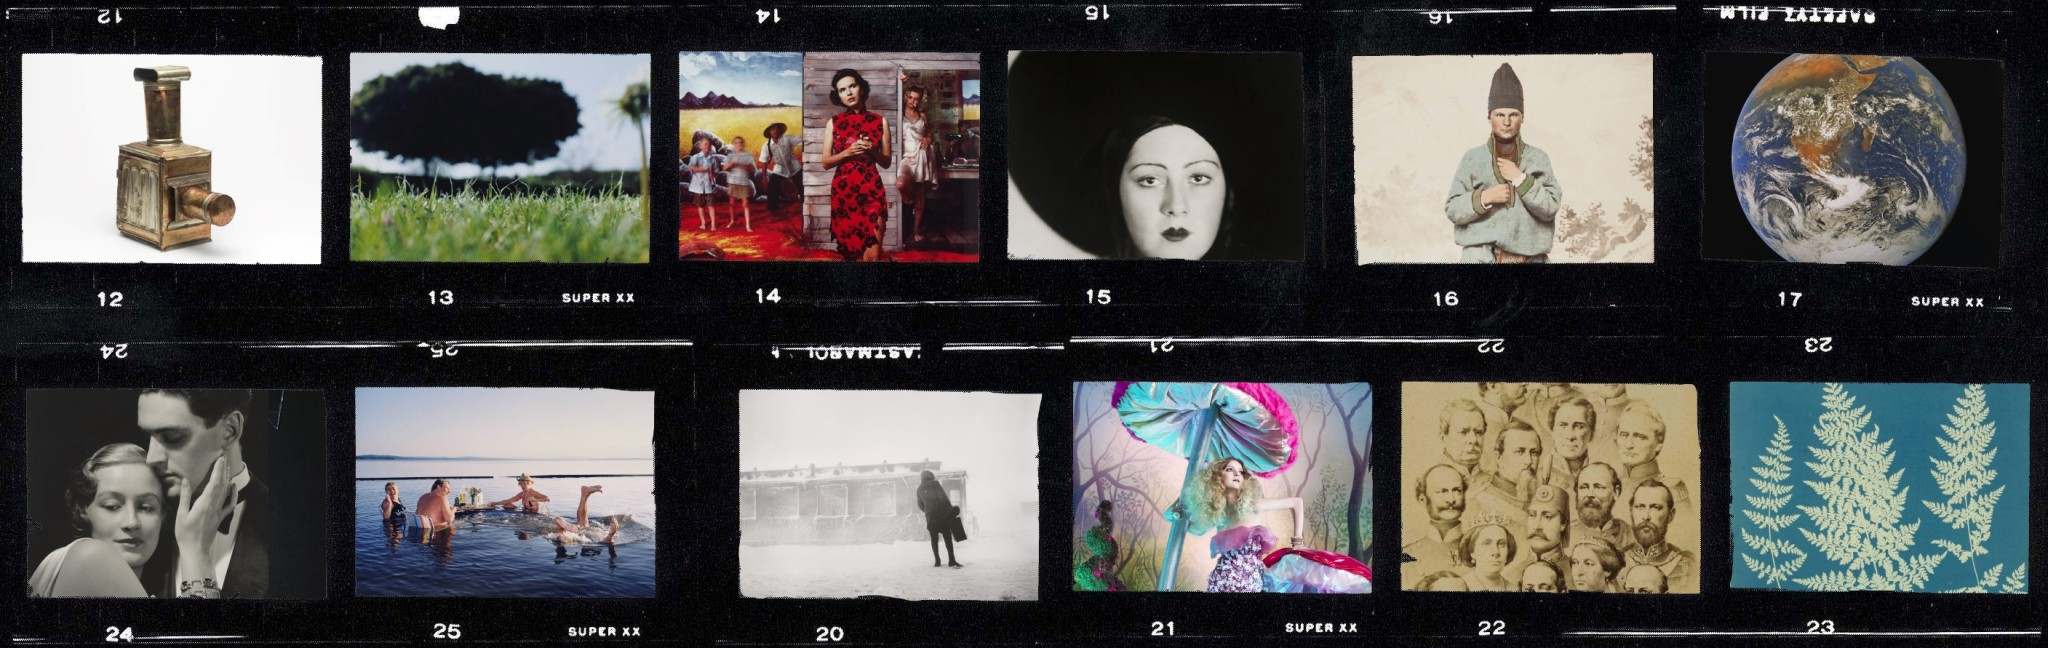 Filmruller gjennomlyst, fra Preus museums samling